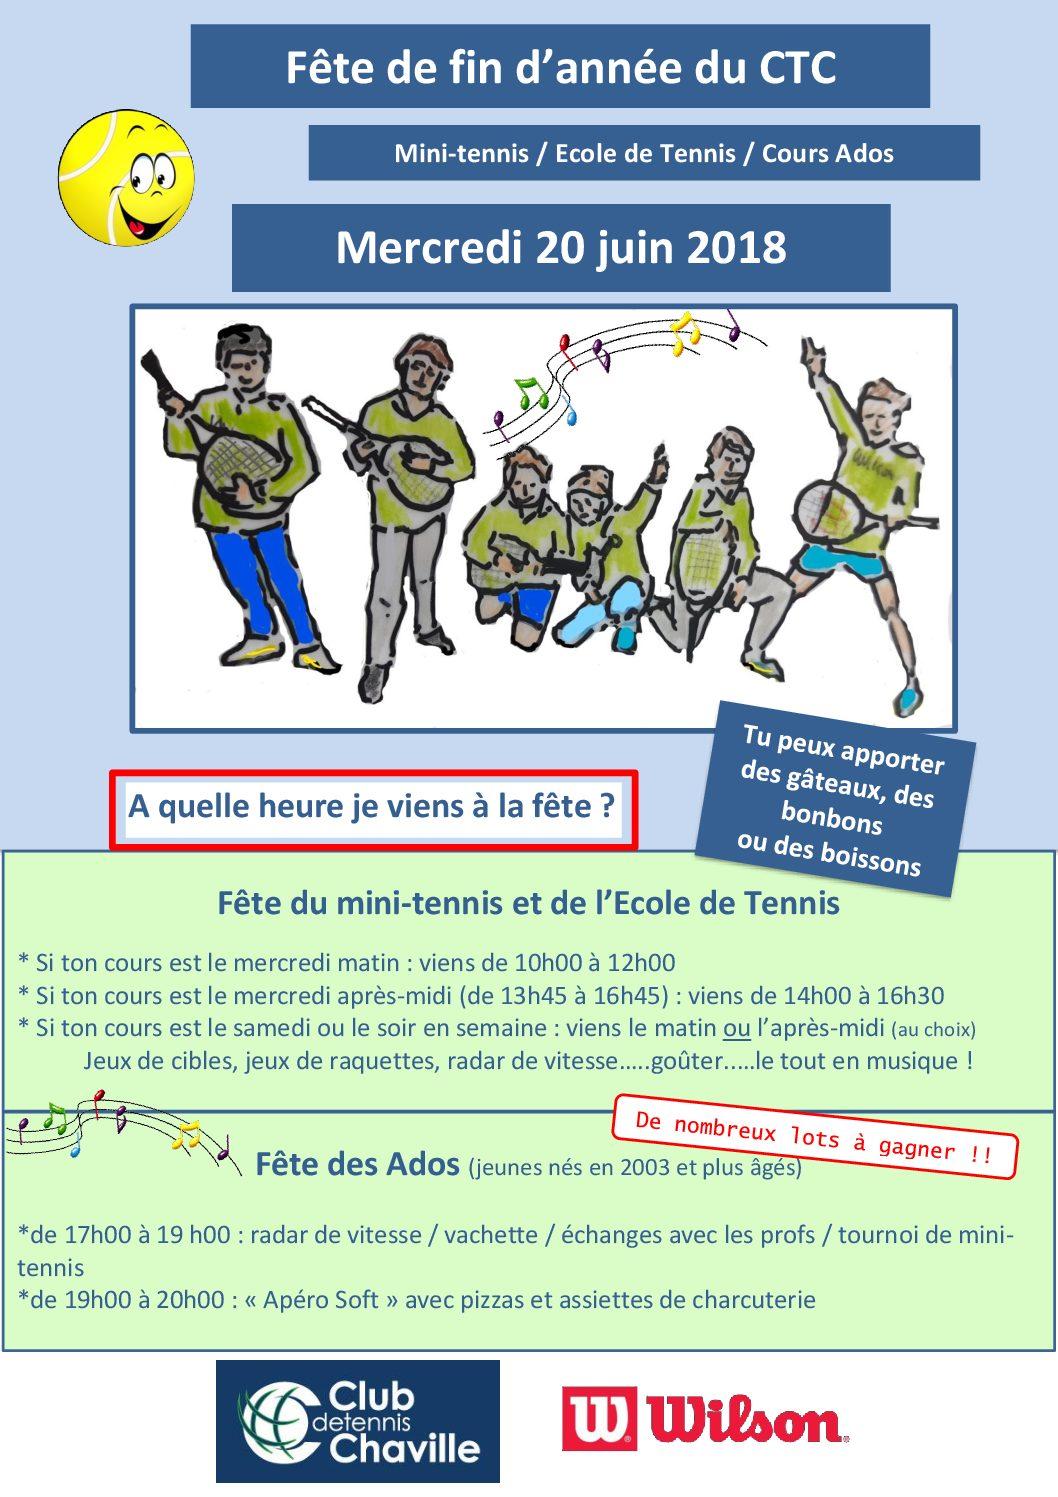 fête des jeunes du tennis: mercredi 20 juin